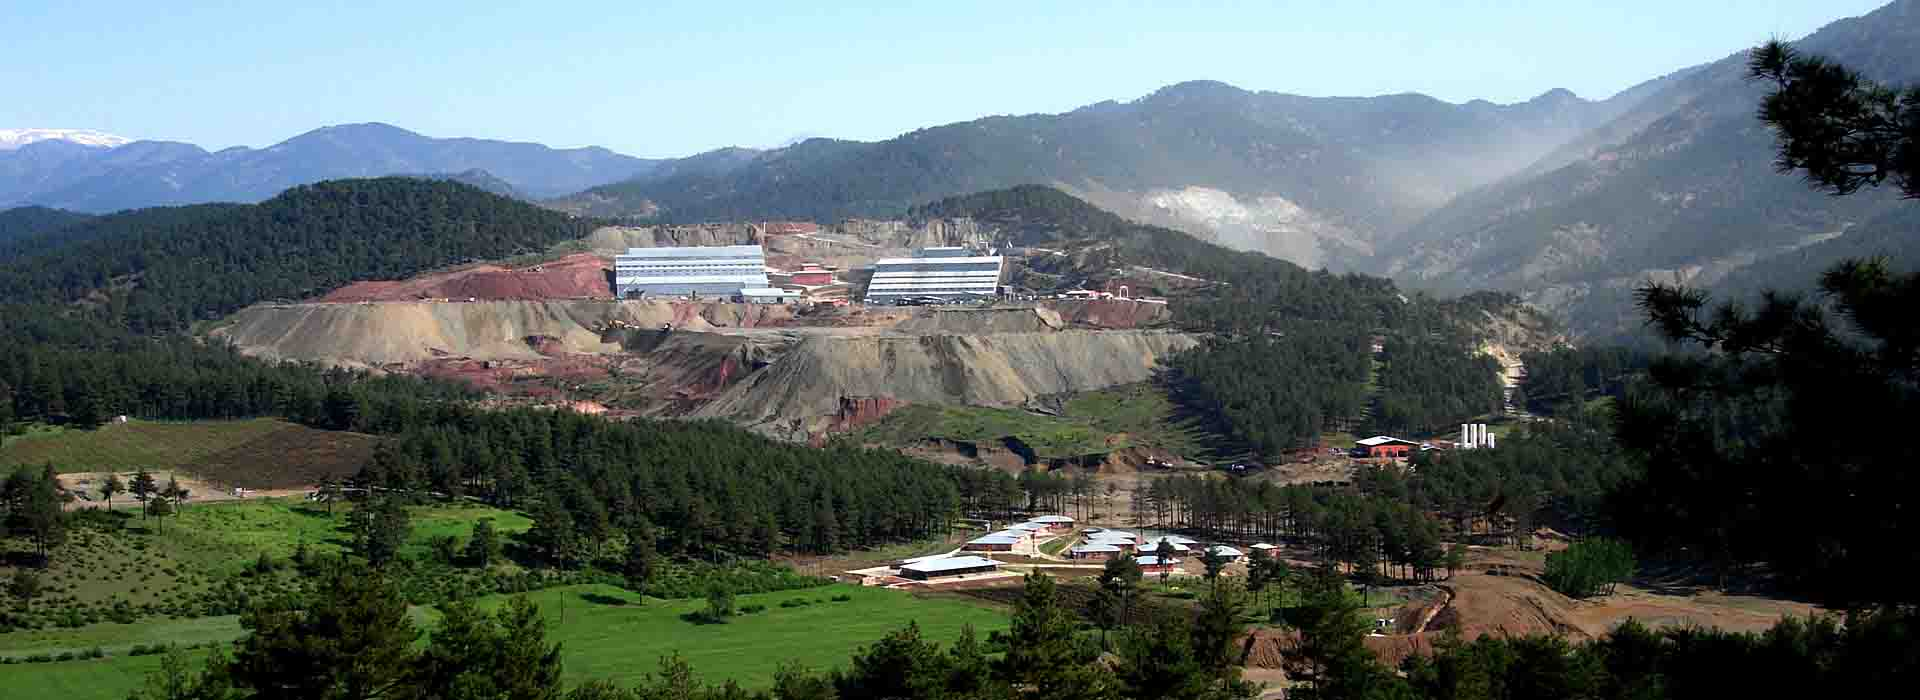 akmetal-tesis-lojman2